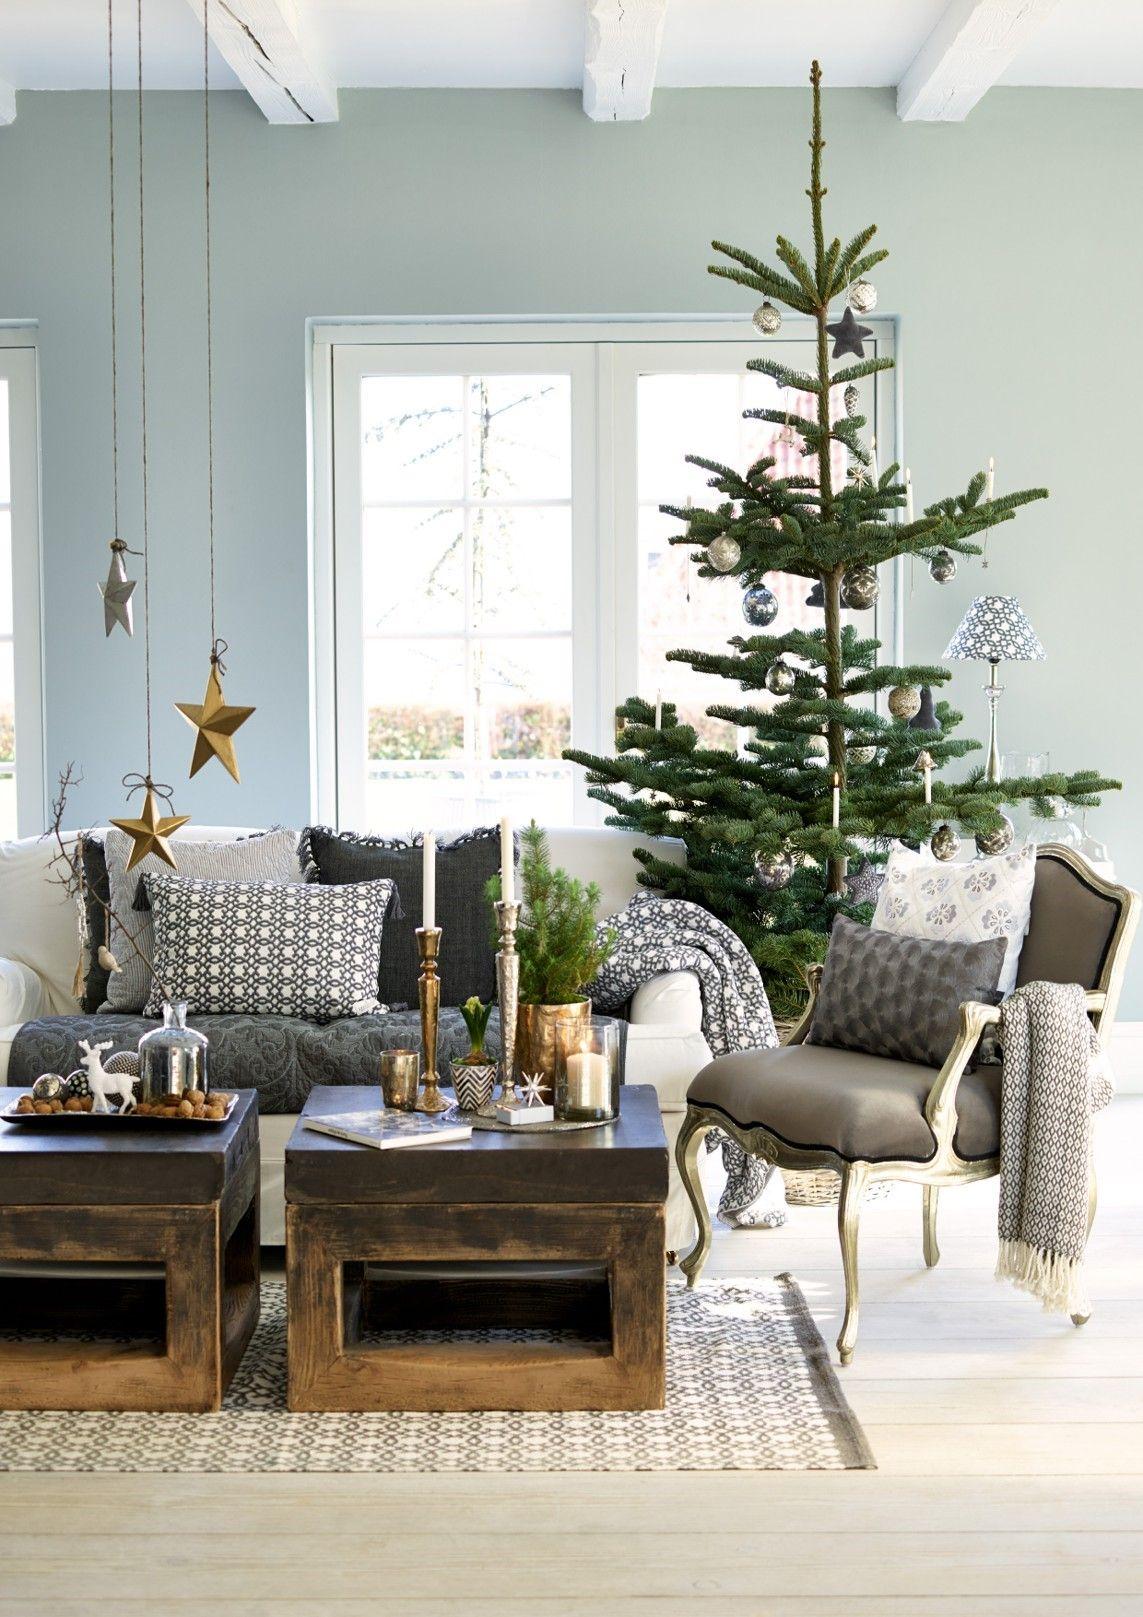 Es Weihnachtet Sehr, Tannenbaum, Dekorieren, Einrichten Und Wohnen, Rund  Ums Haus, Runde, Weihnachten, Merry Christmas, Natürliche Weihnachten